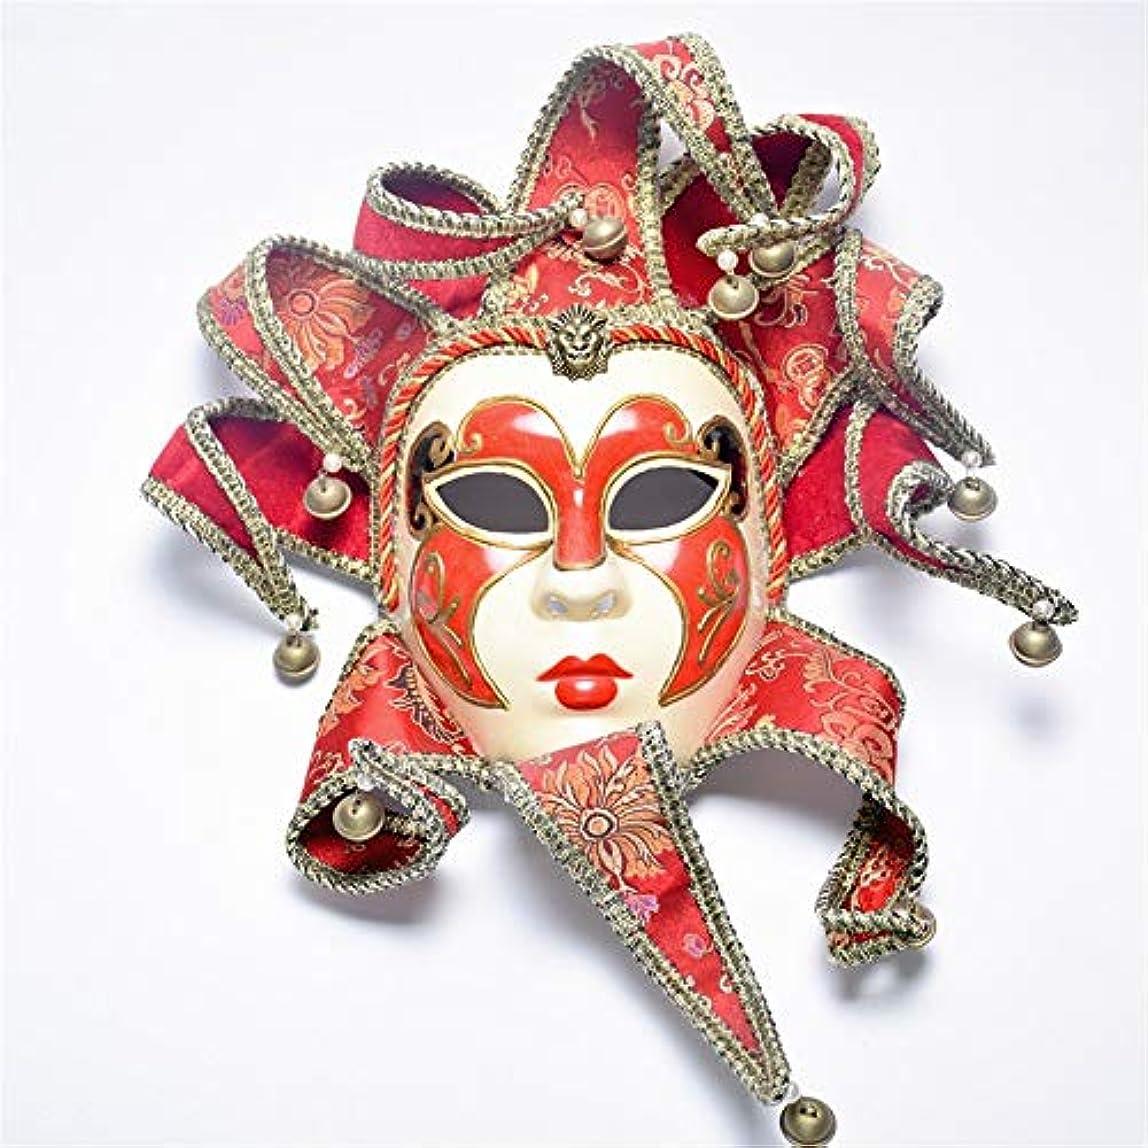 ニコチンフレッシュ好ましいダンスマスク フルフェイスマスク高級パーティーベルマスク女性マスククリスマスフェスティバルロールプレイングプラスチックマスク ホリデーパーティー用品 (色 : 赤, サイズ : 49x29cm)